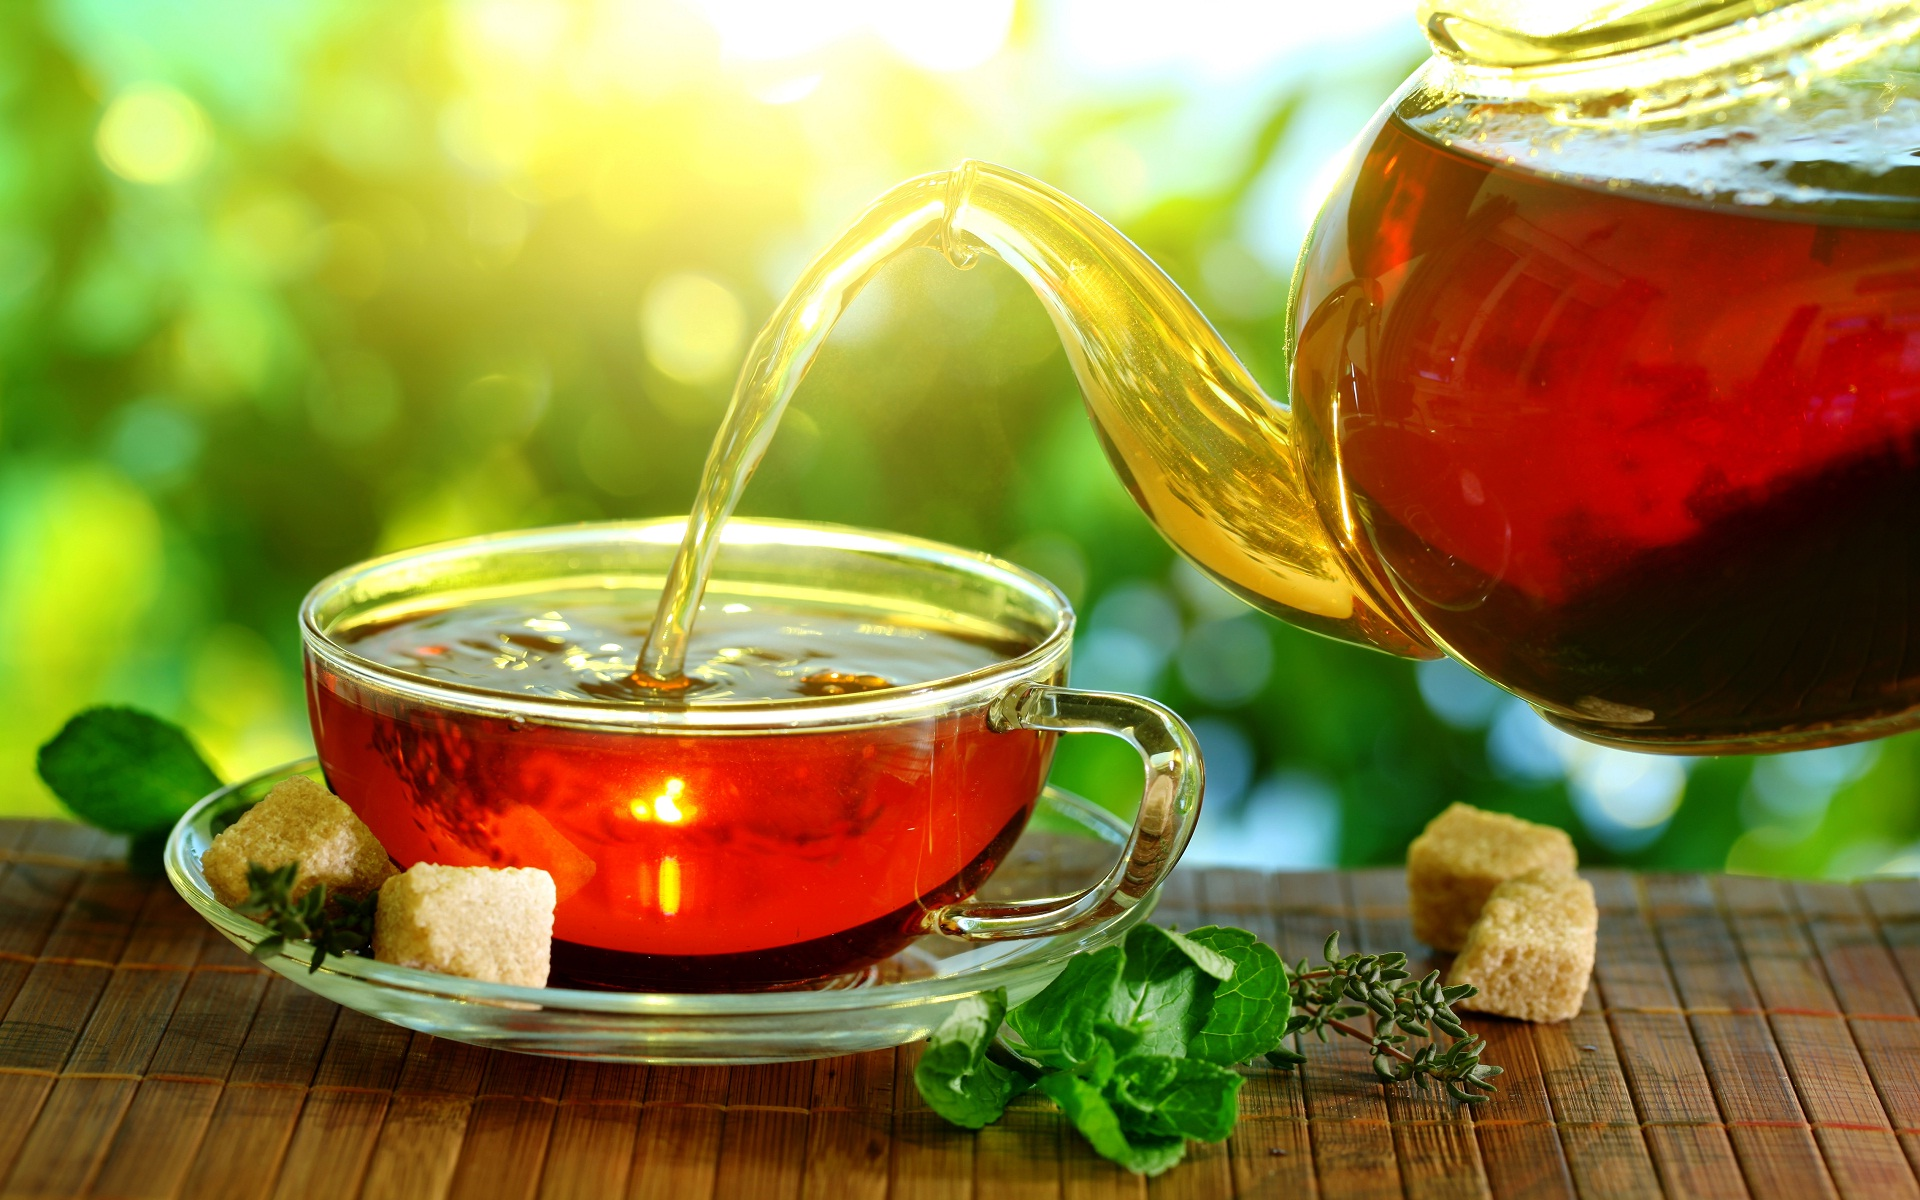 Ученые: Чай увеличивает риск рака простаты у мужчин